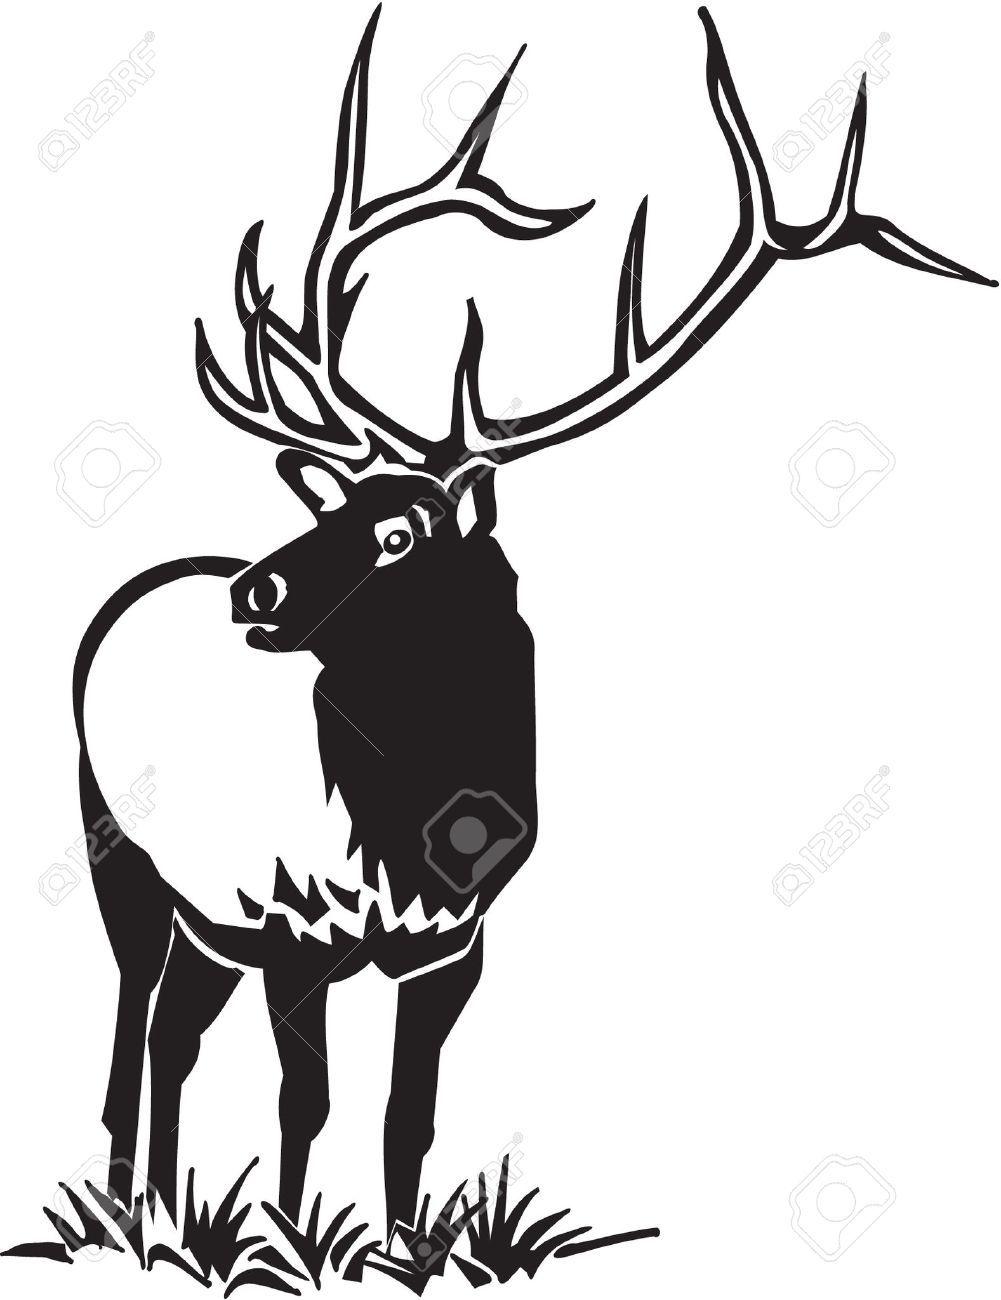 Black elk clipart banner black and white library Image result for black and white bull elk clip art   Elk   Bull elk ... banner black and white library